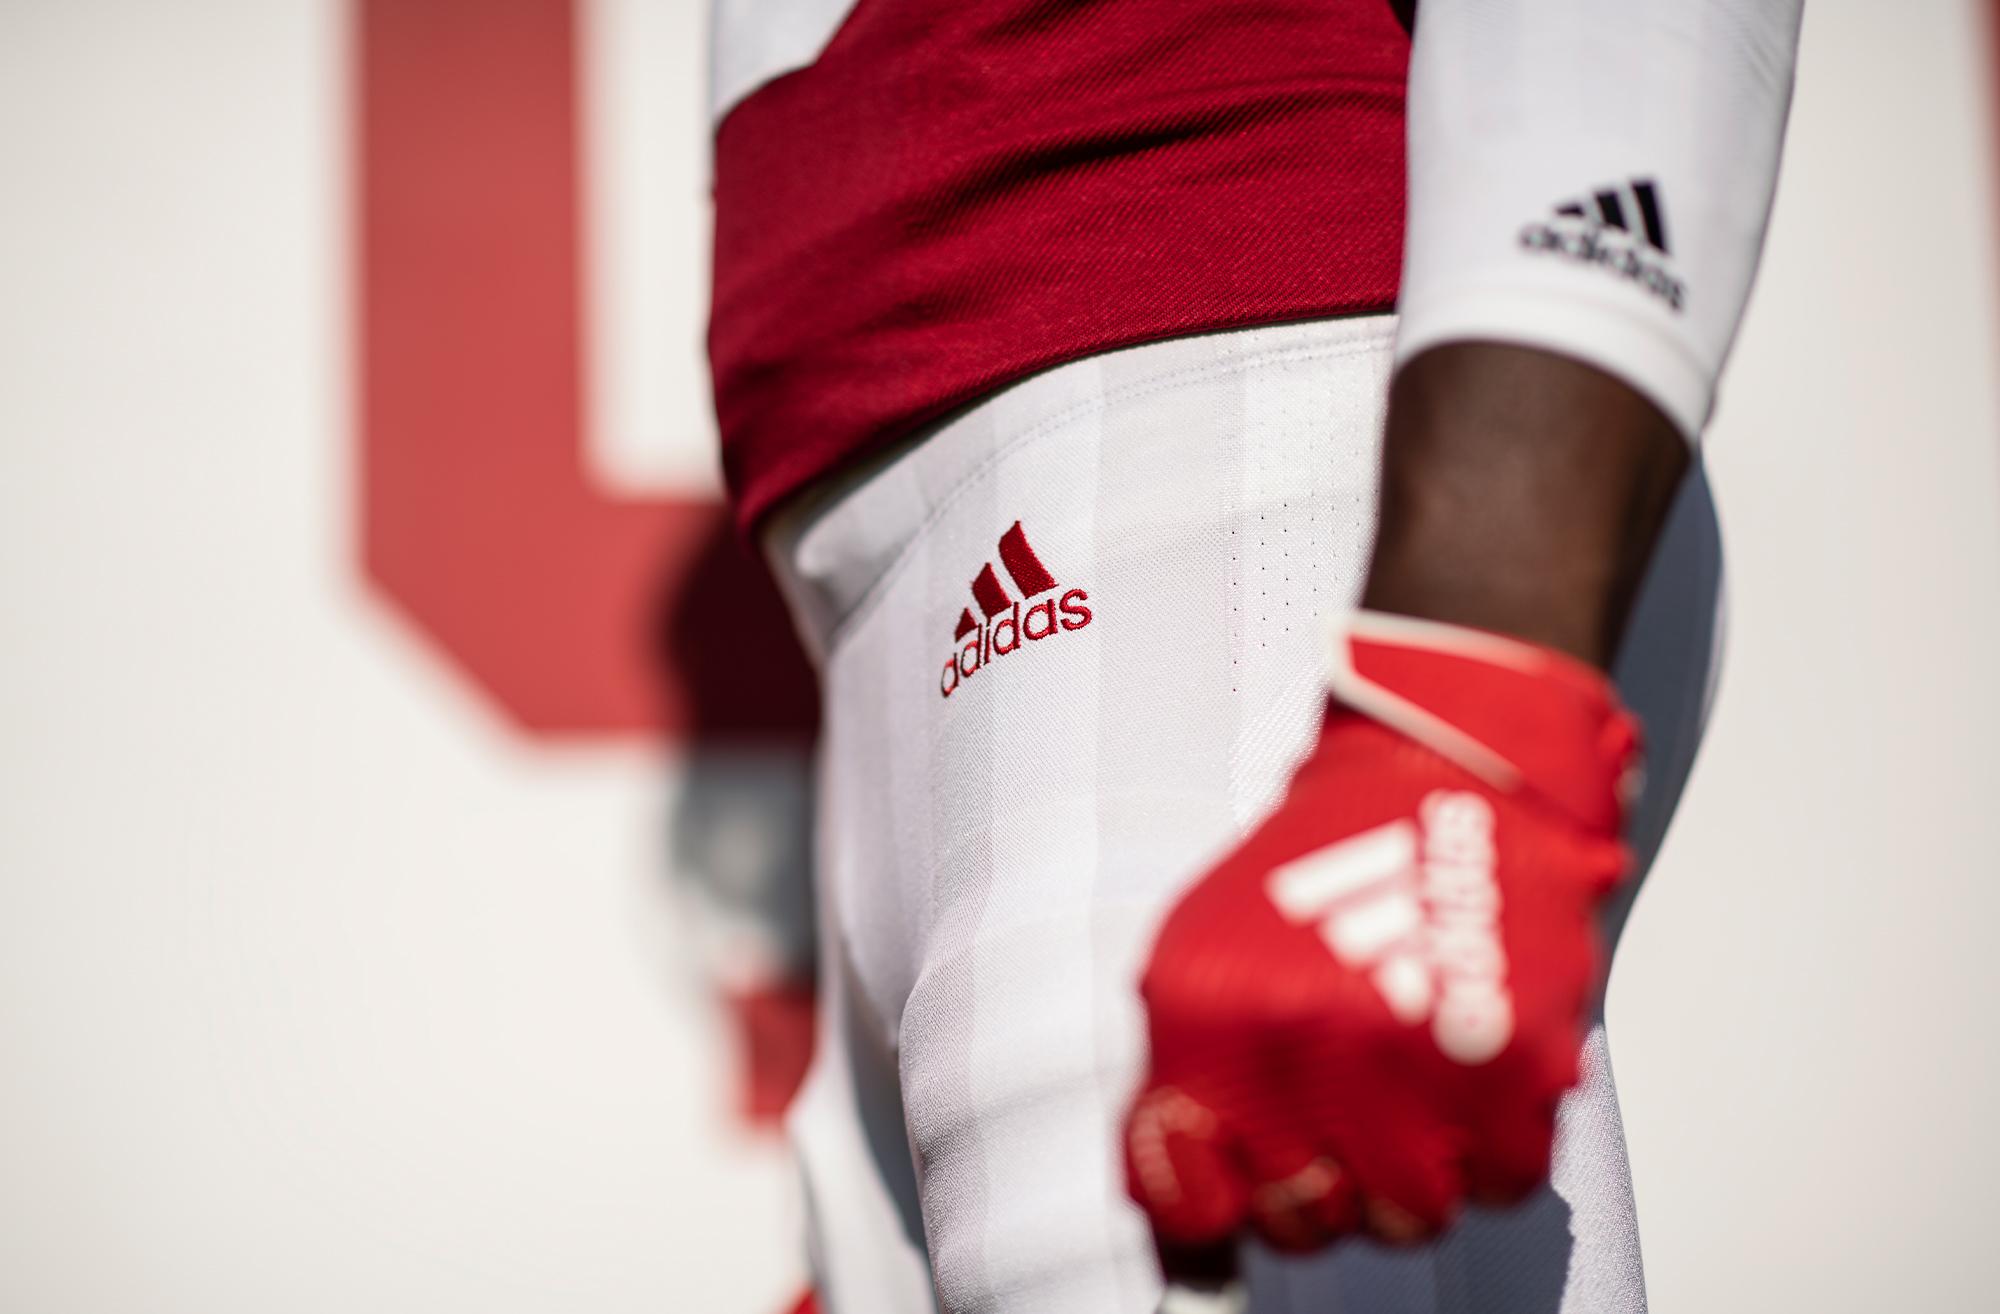 adidas_NCAA_OnField_Detail_Indiana7_2000x1314.jpg